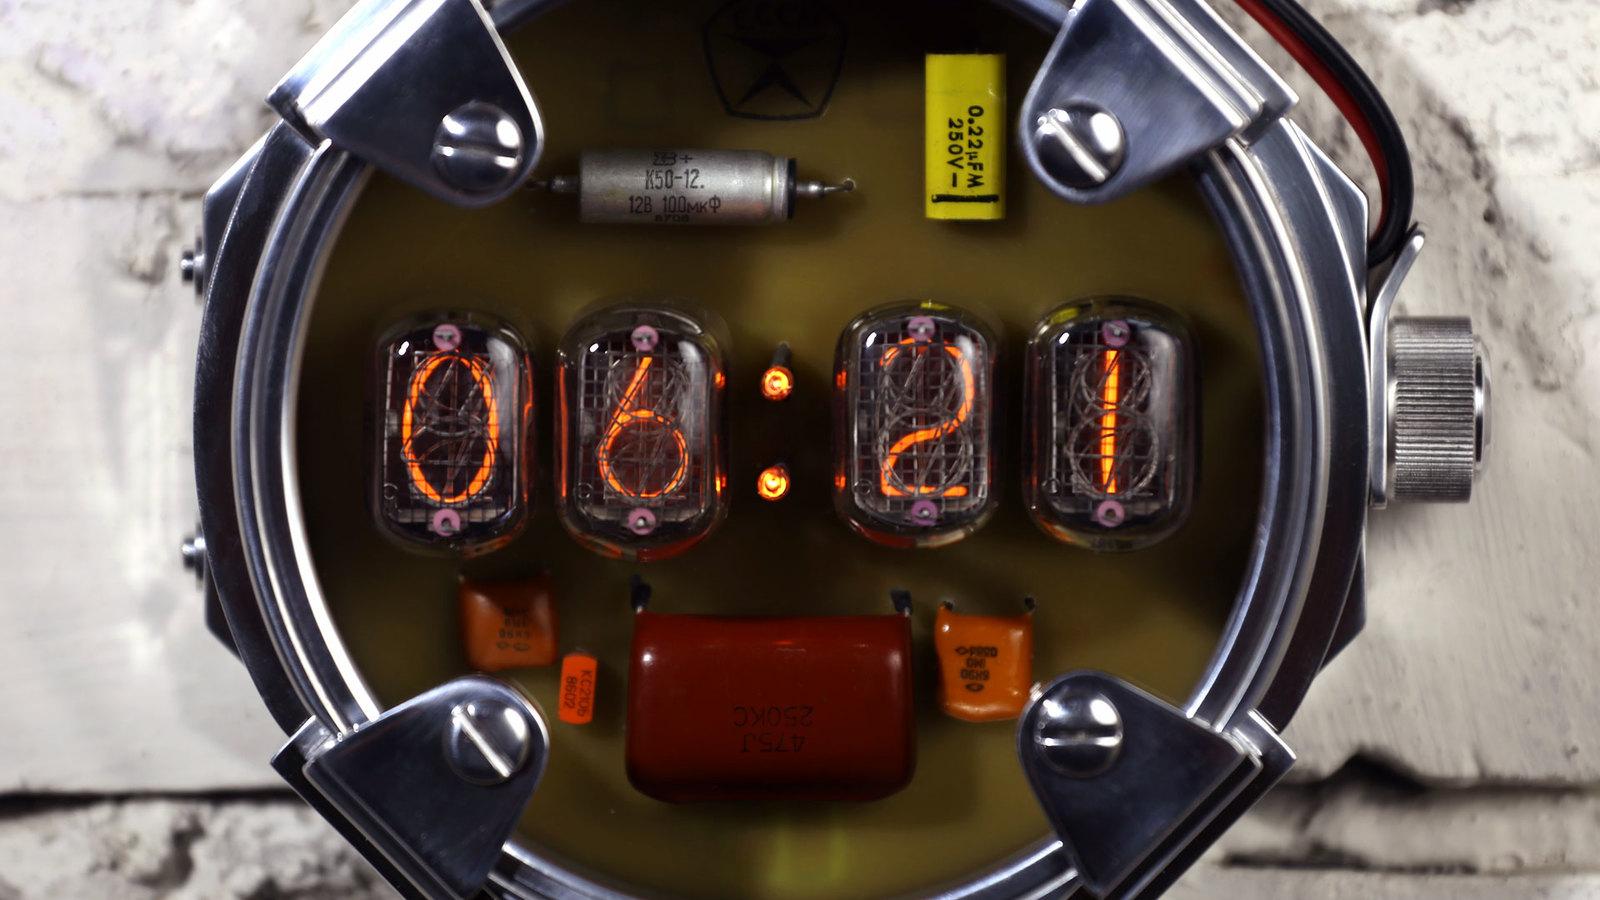 Часы на газоразрядном индикаторе в стиле Метро 2033